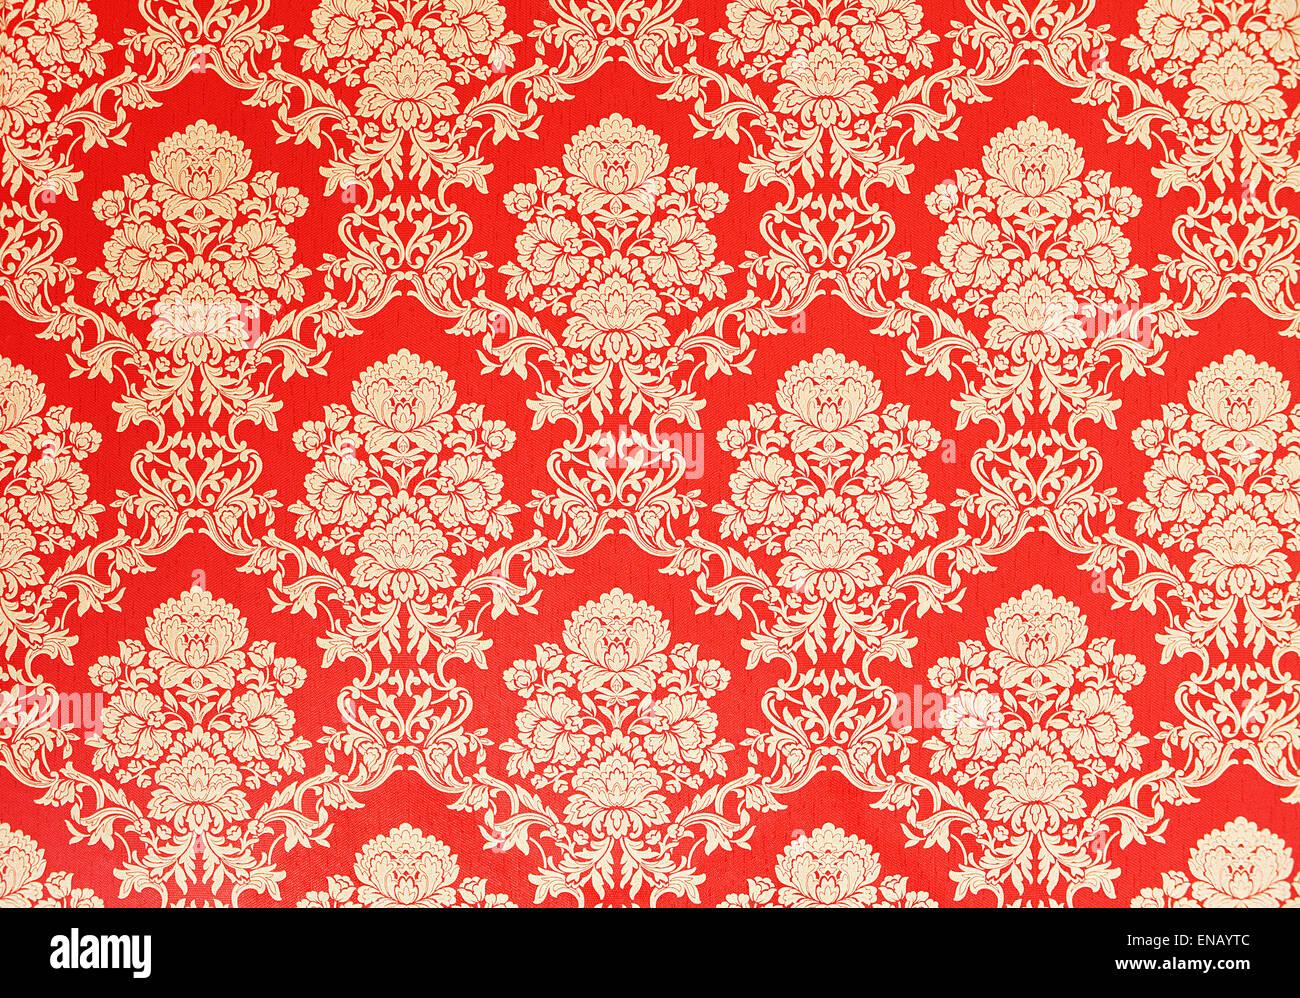 Papier Peint Vintage Rouge Avec Golden Rose Design Ornements